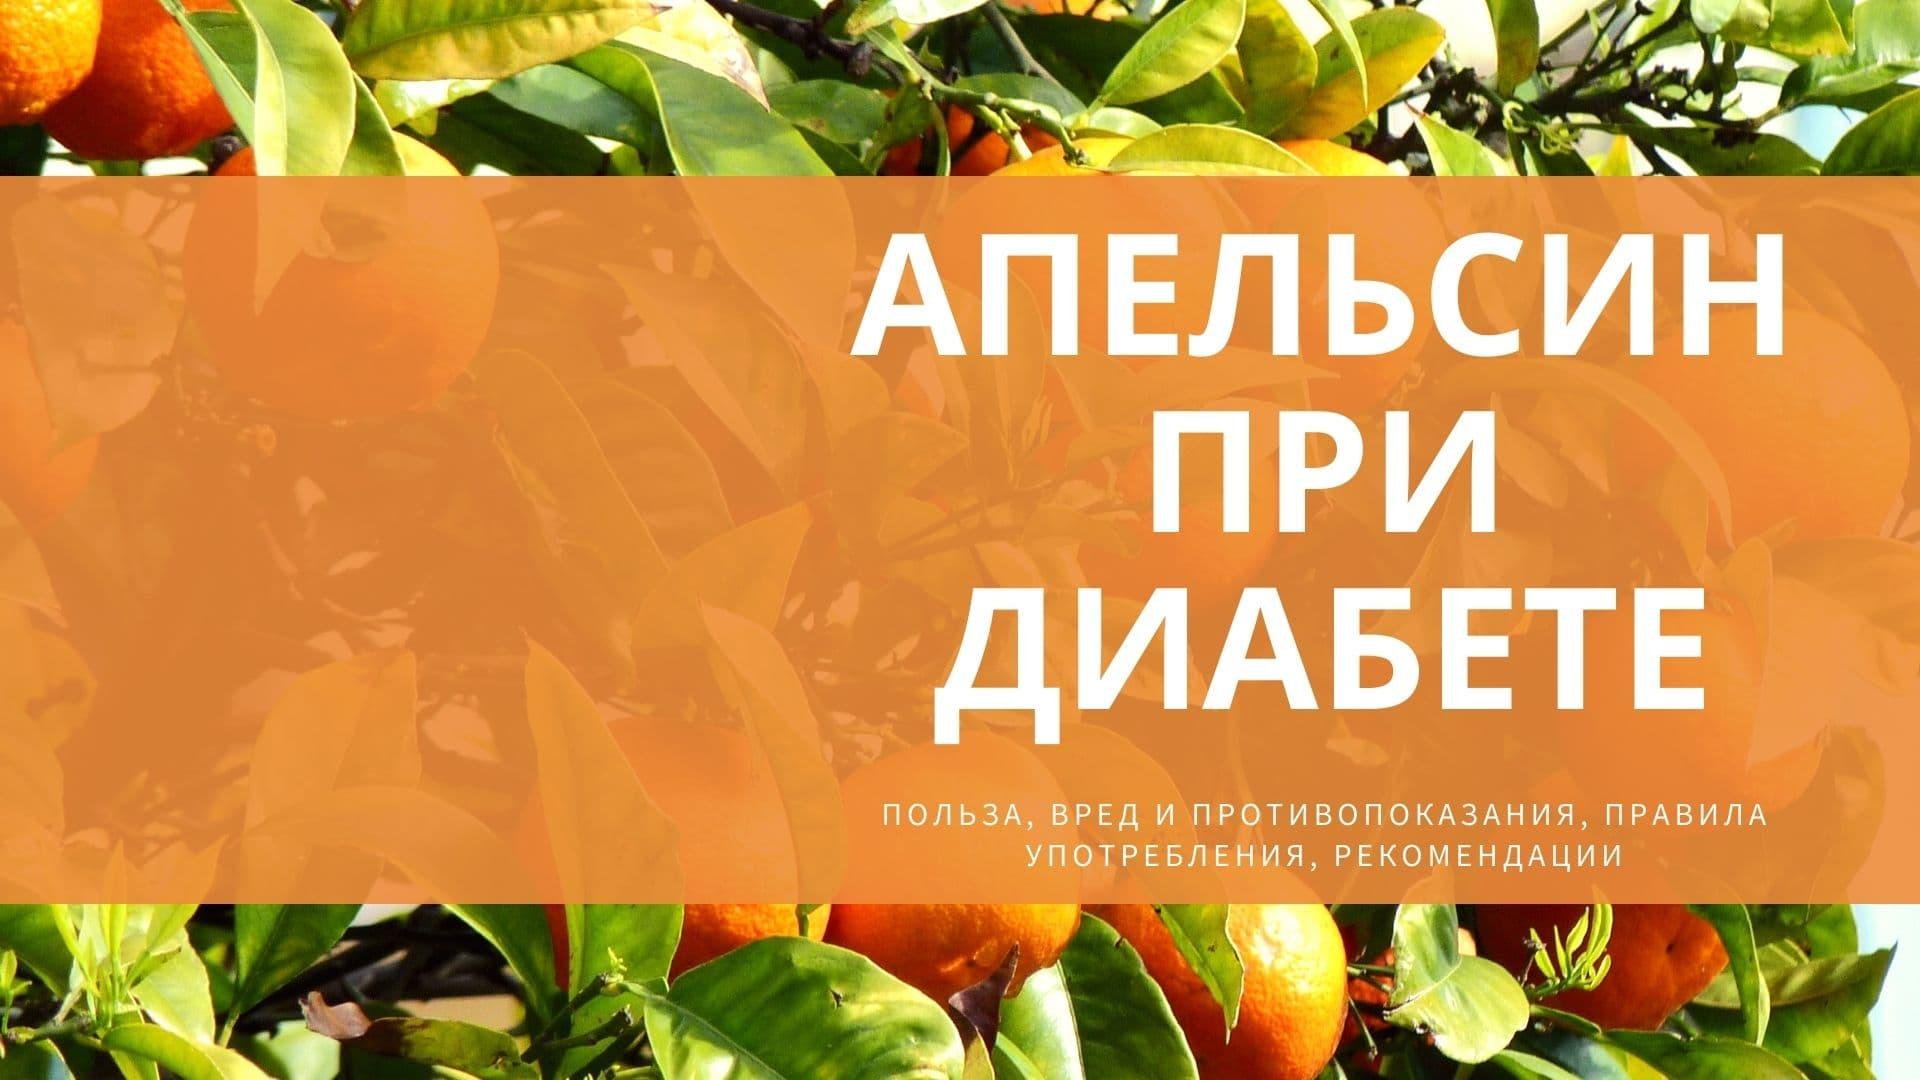 Апельсин при диабете: польза, вред и противопоказания, правила употребления, рекомендации